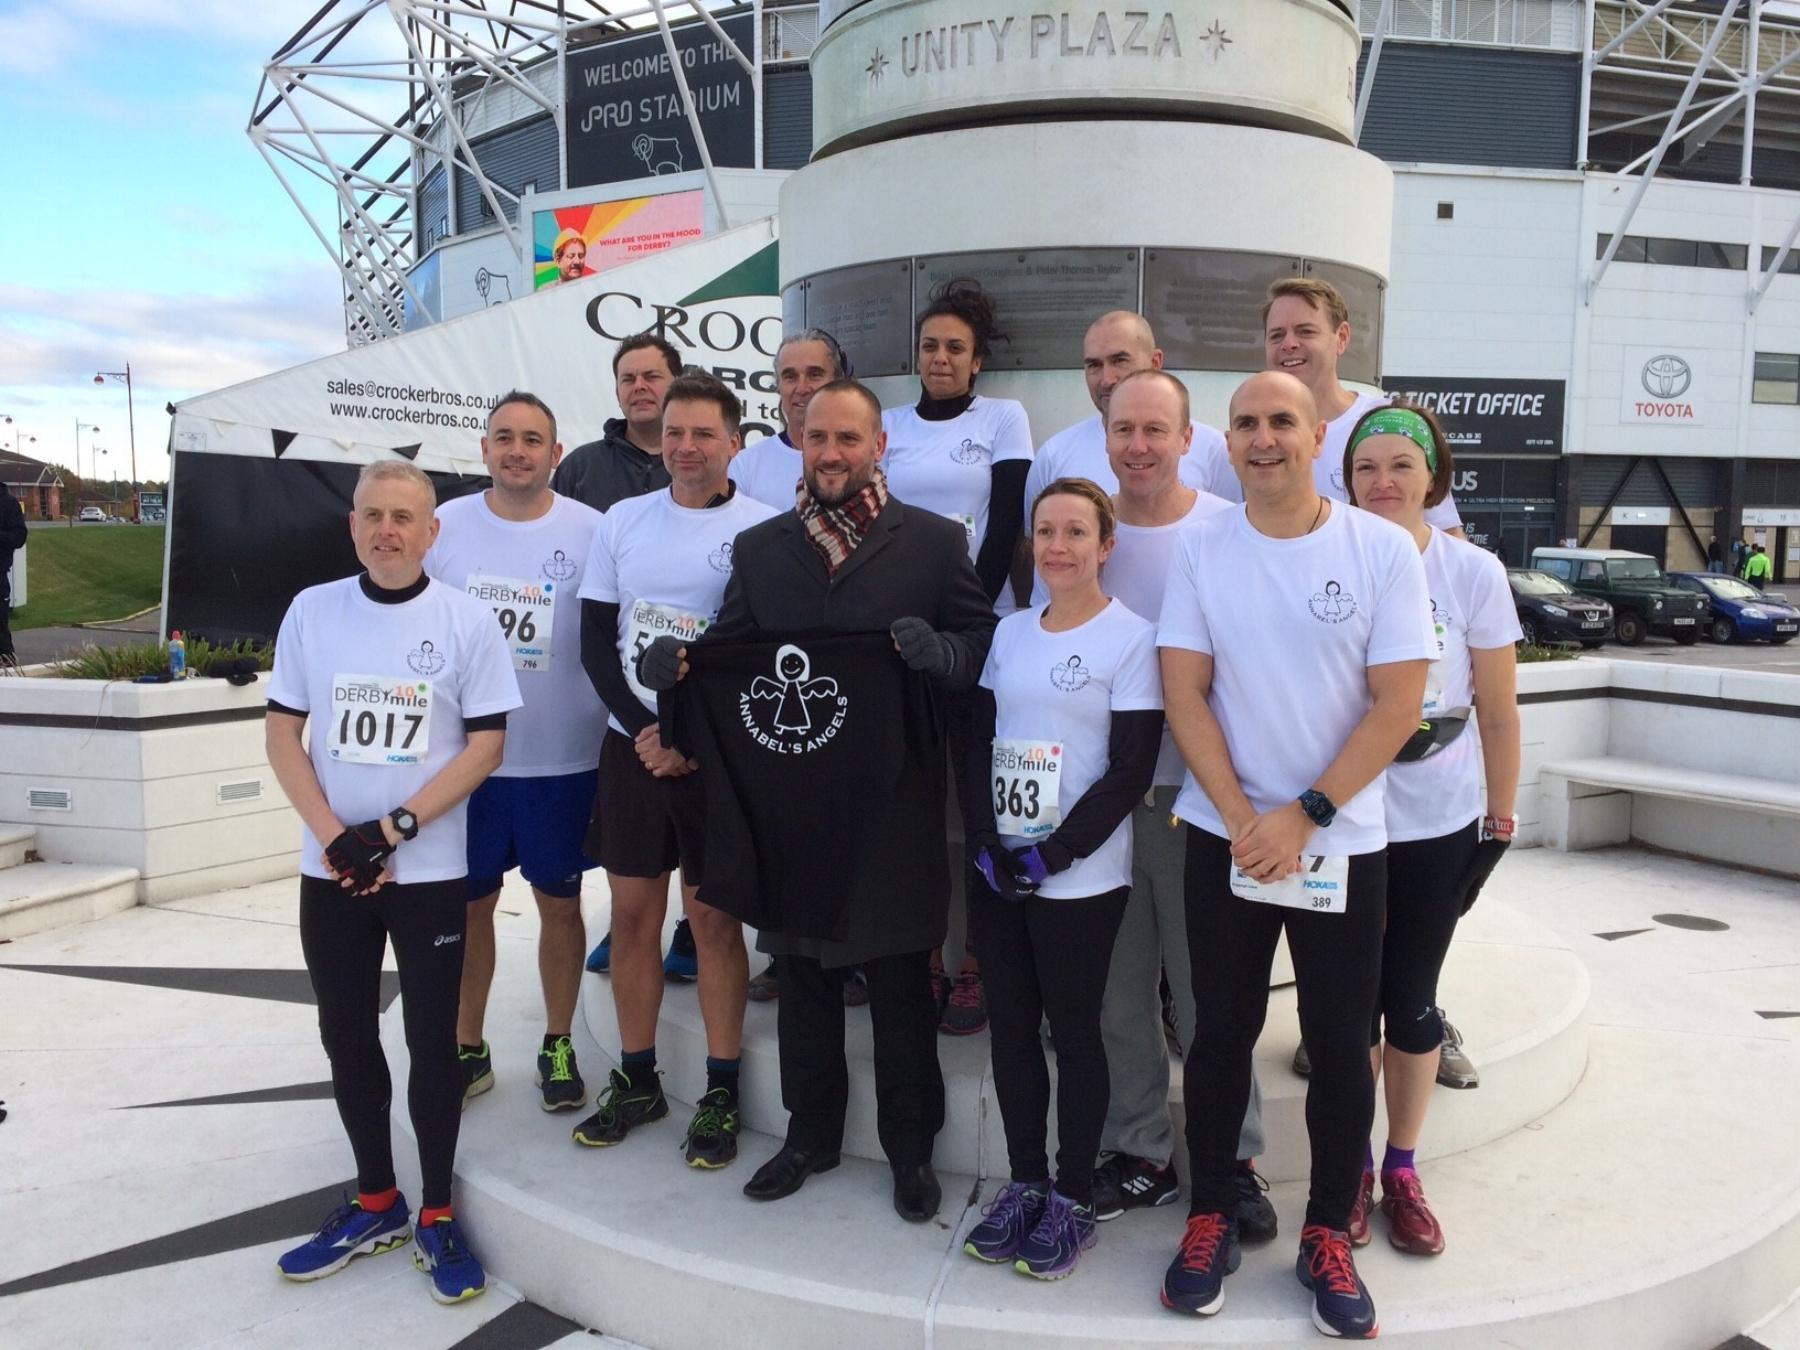 Derby 10 Mile 2016 image